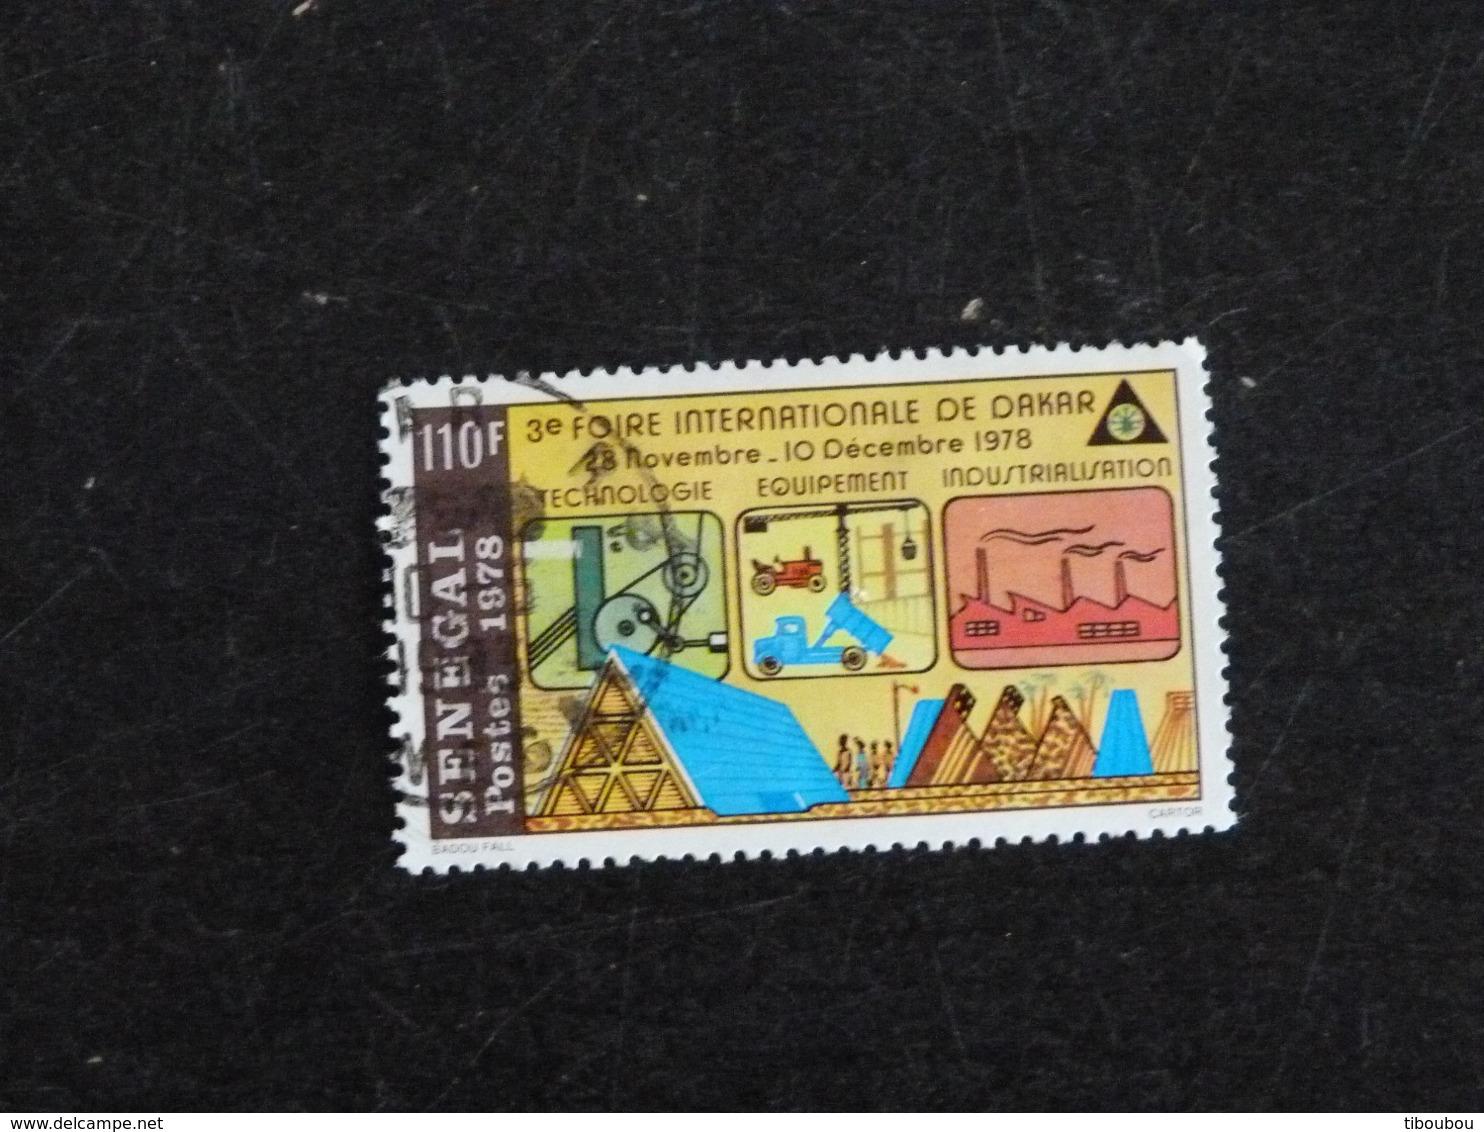 SENEGAL YT 499 OBLITERE - 3e FOIRE INTERNATIONALE DE DAKAR - Senegal (1960-...)